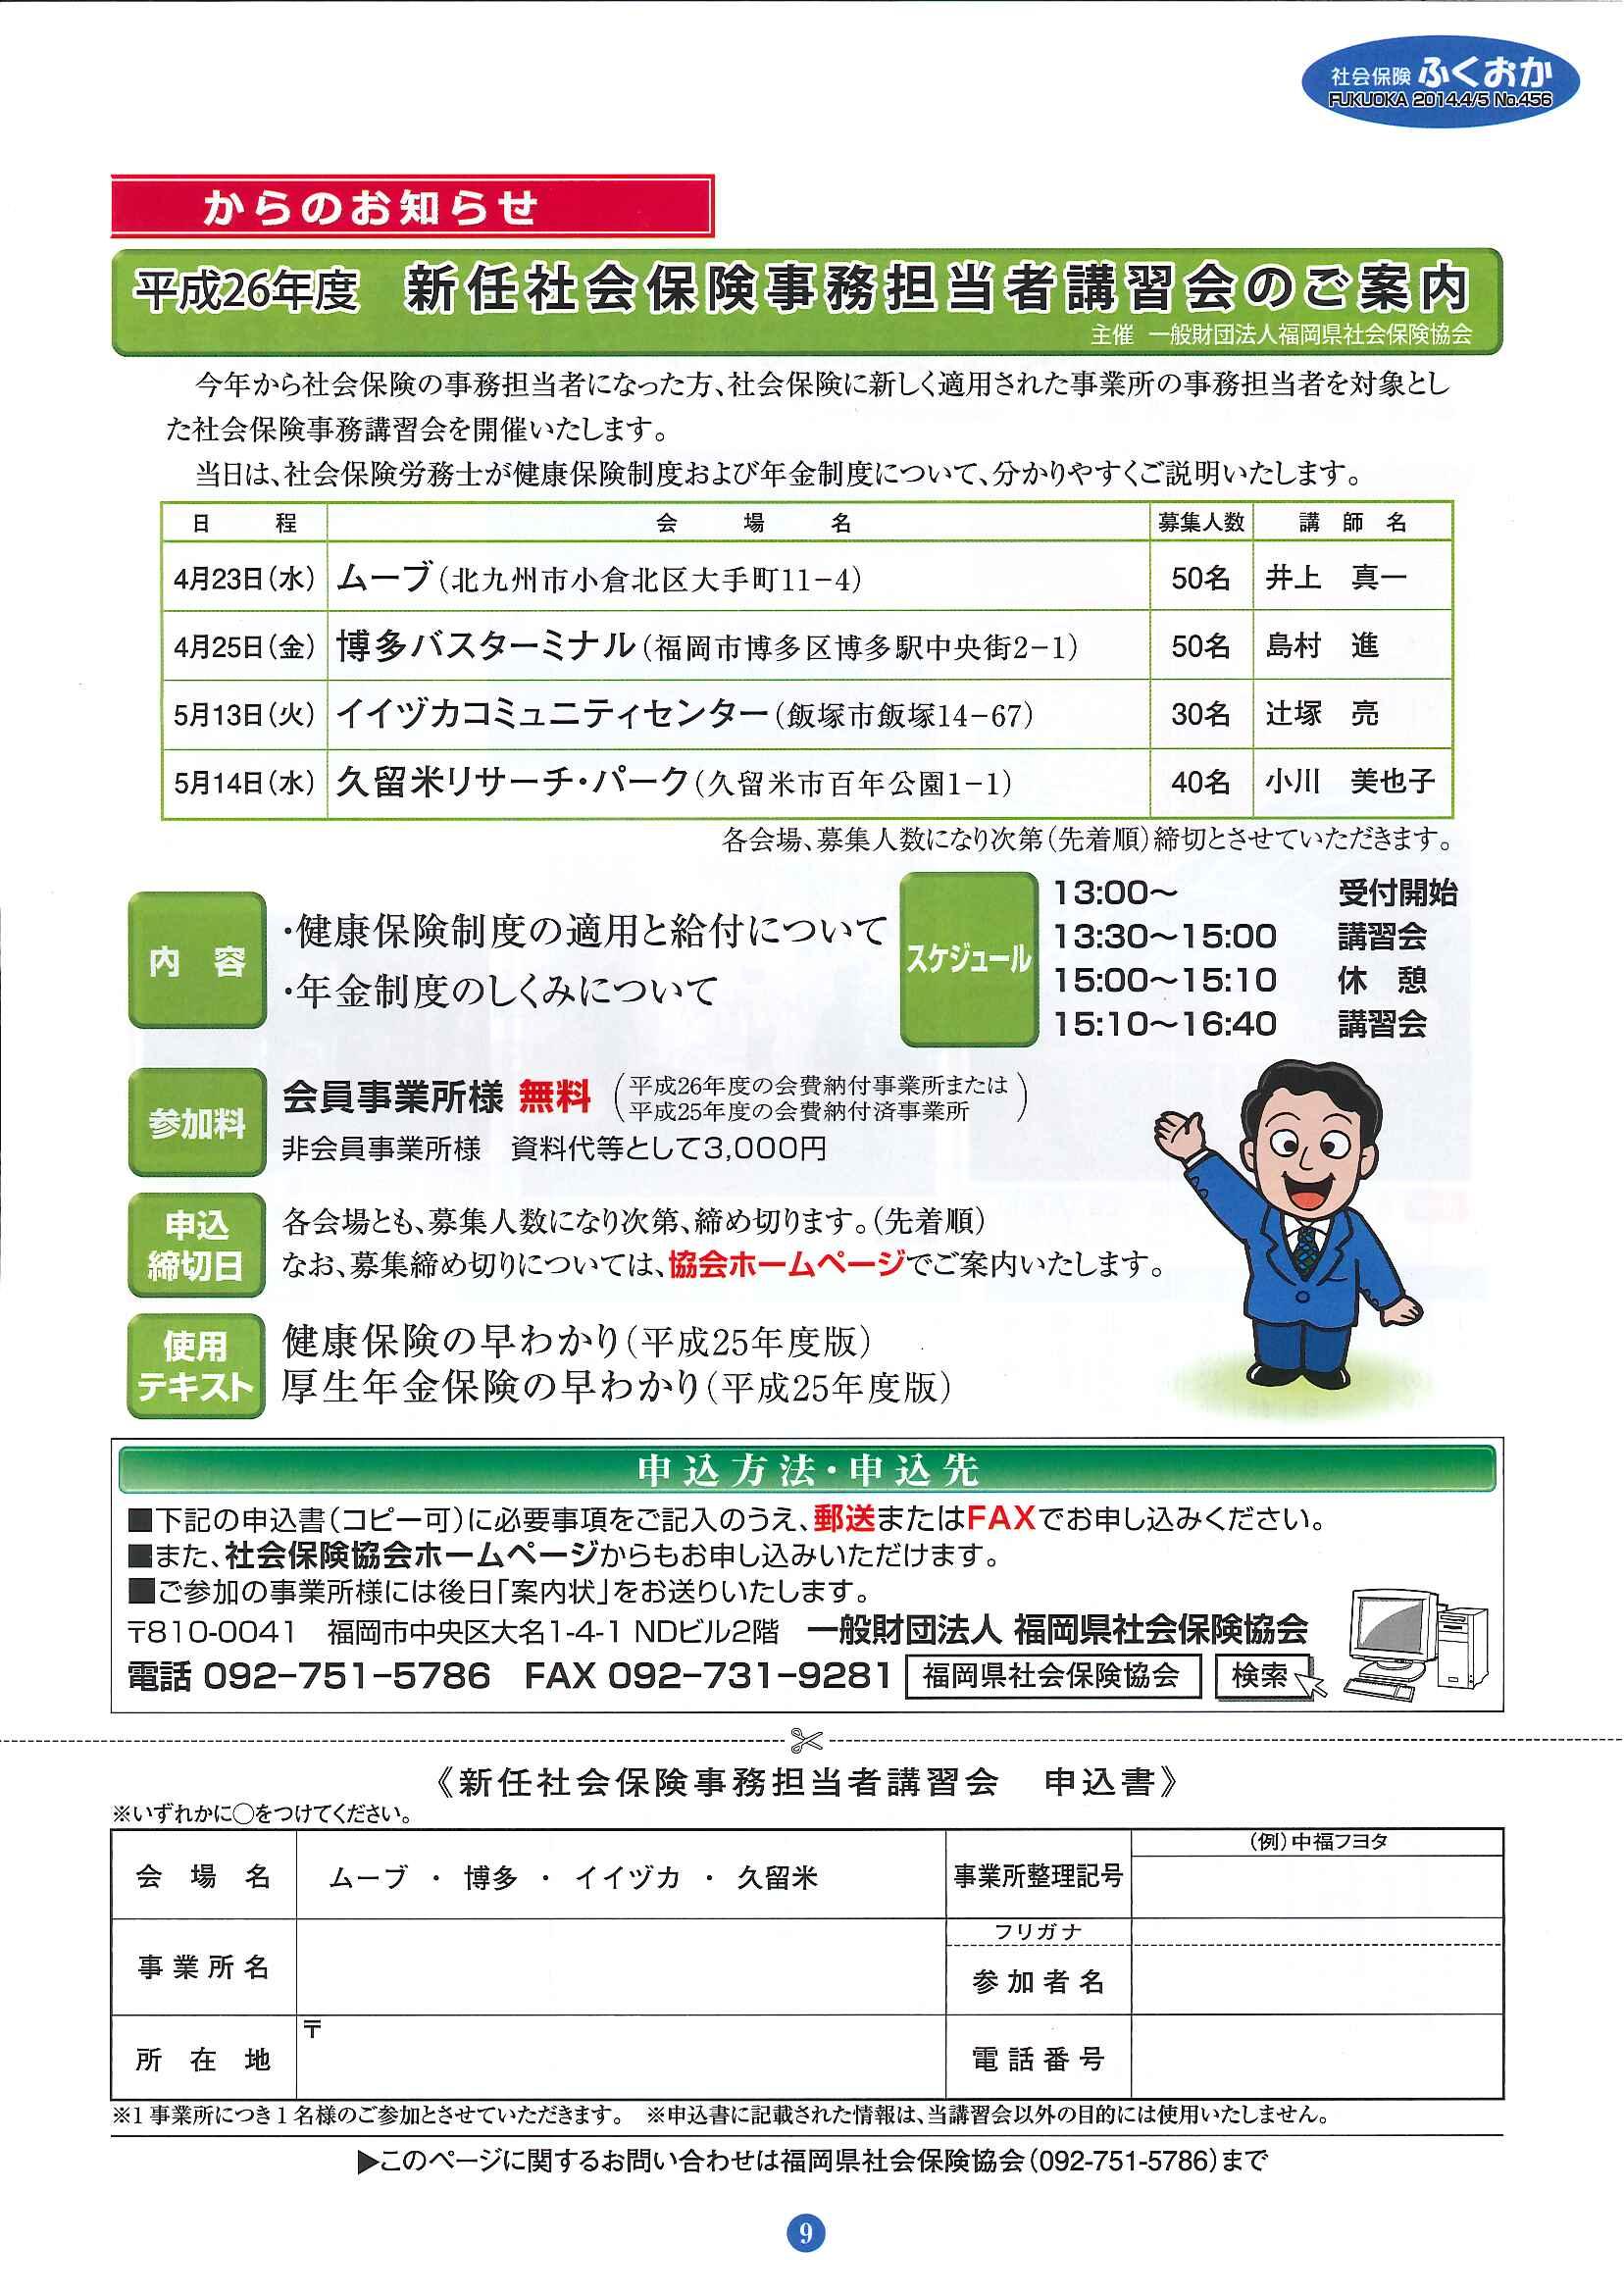 社会保険 ふくおか 2014年4・5月号_f0120774_1501473.jpg